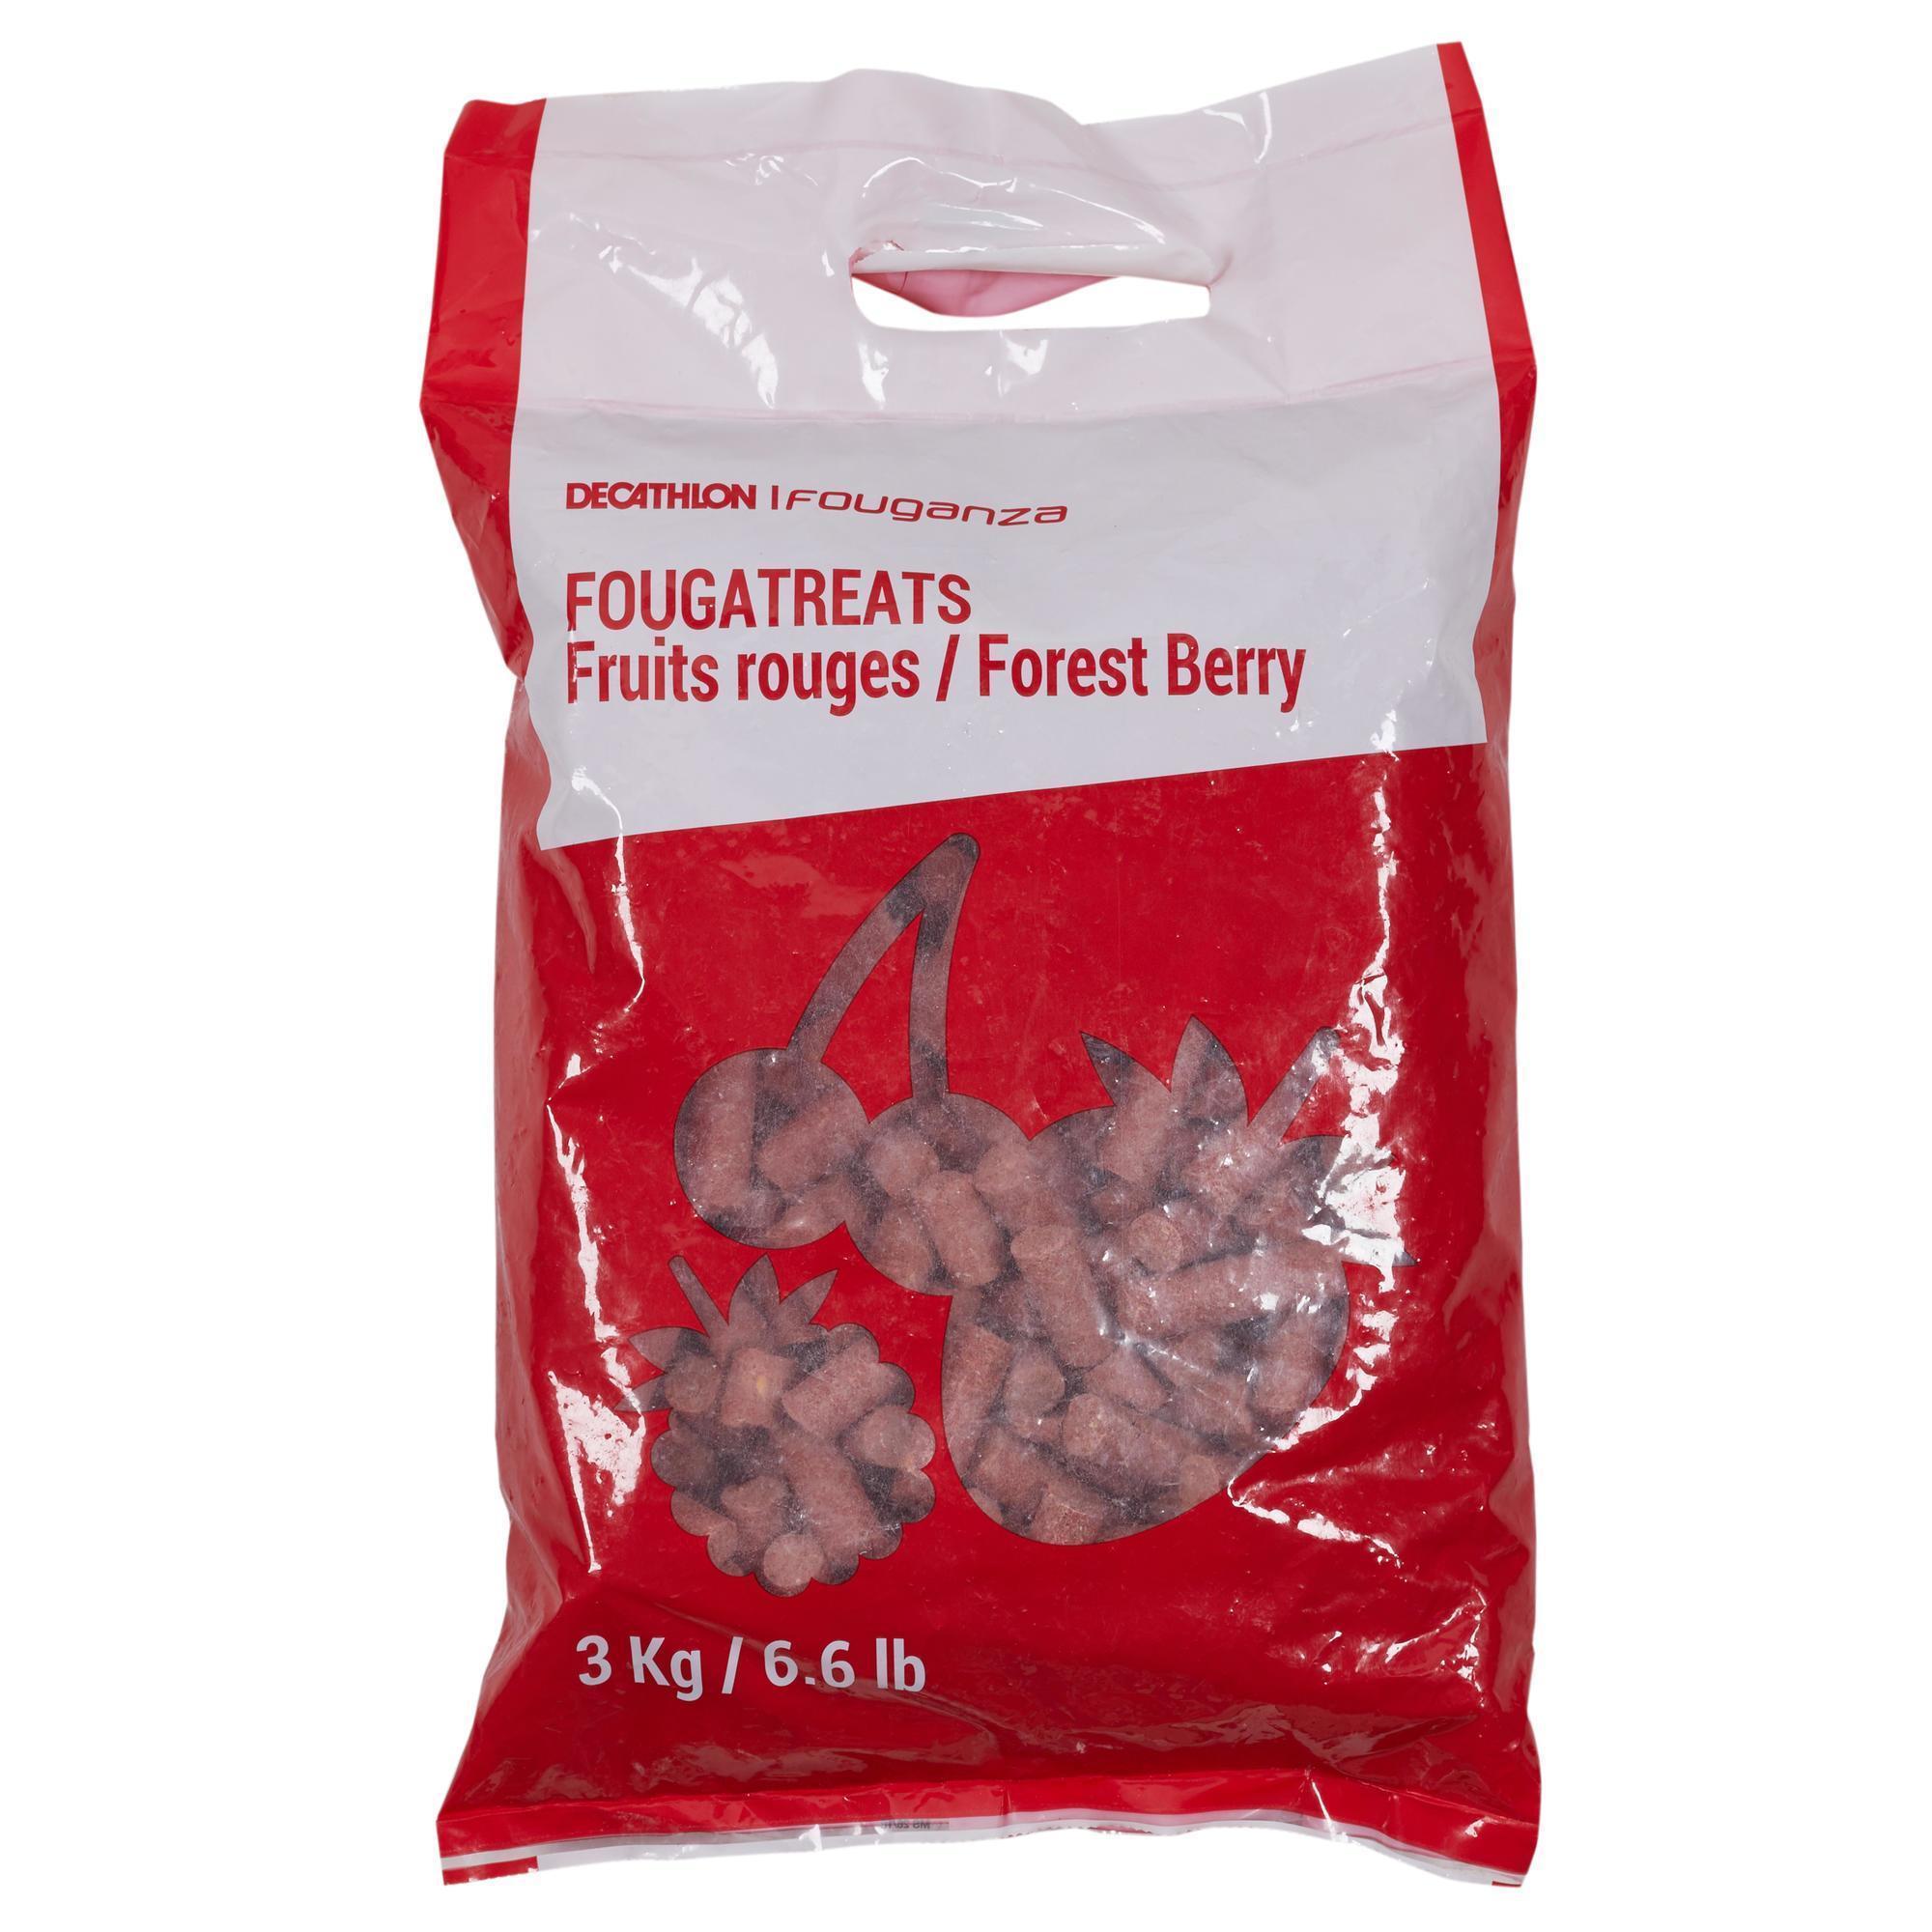 Friandises équitation cheval et poney FOUGATREATS fruits rouges - 3KG